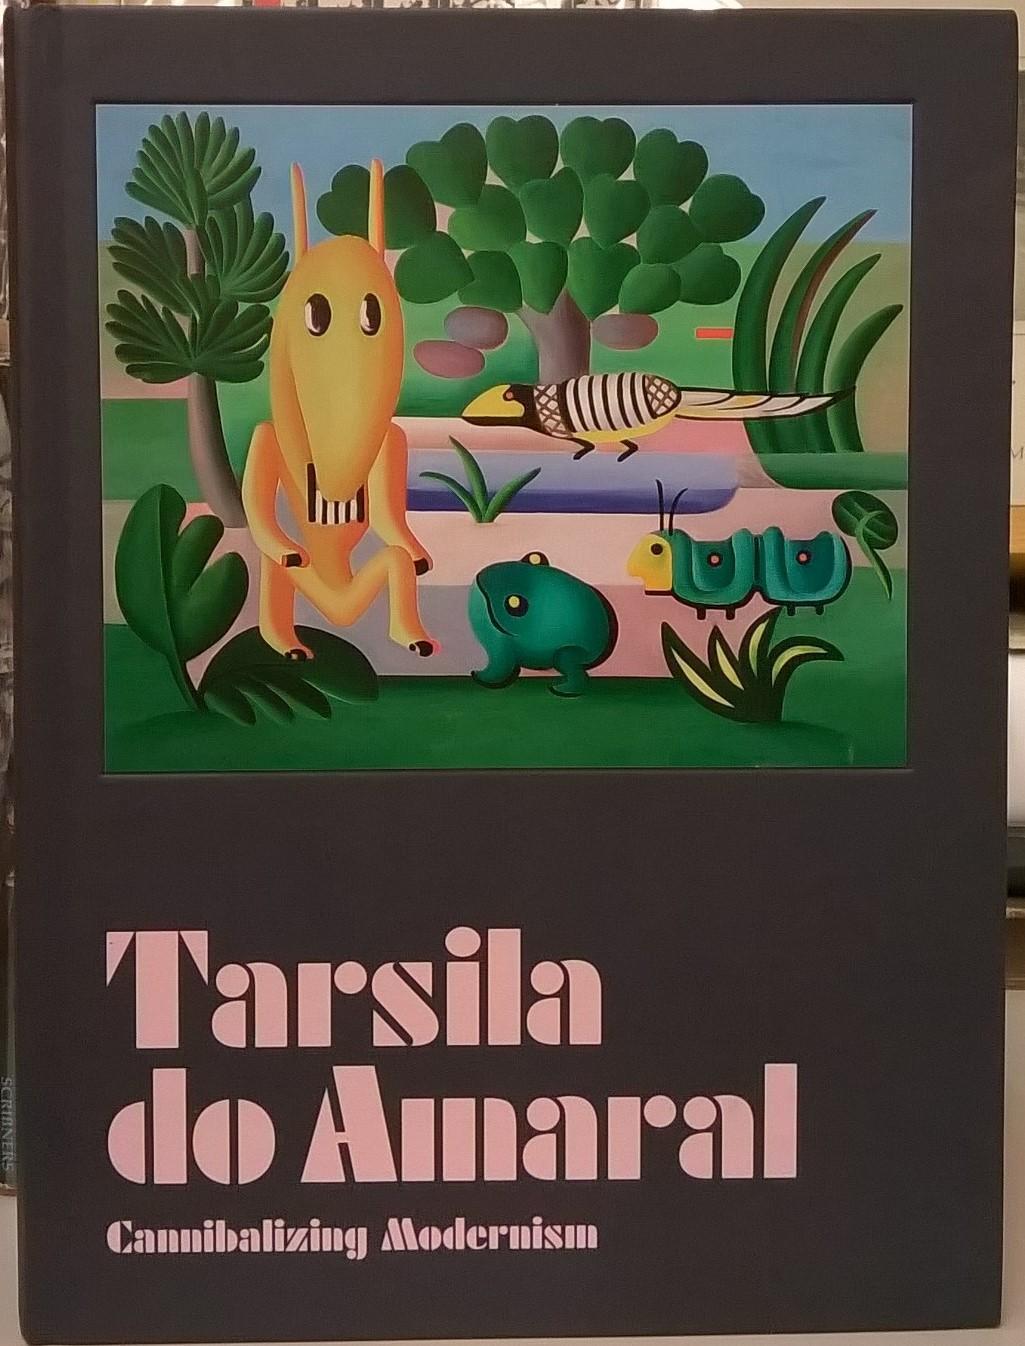 Cannibalizing Modernism - Tarsila do Amaral